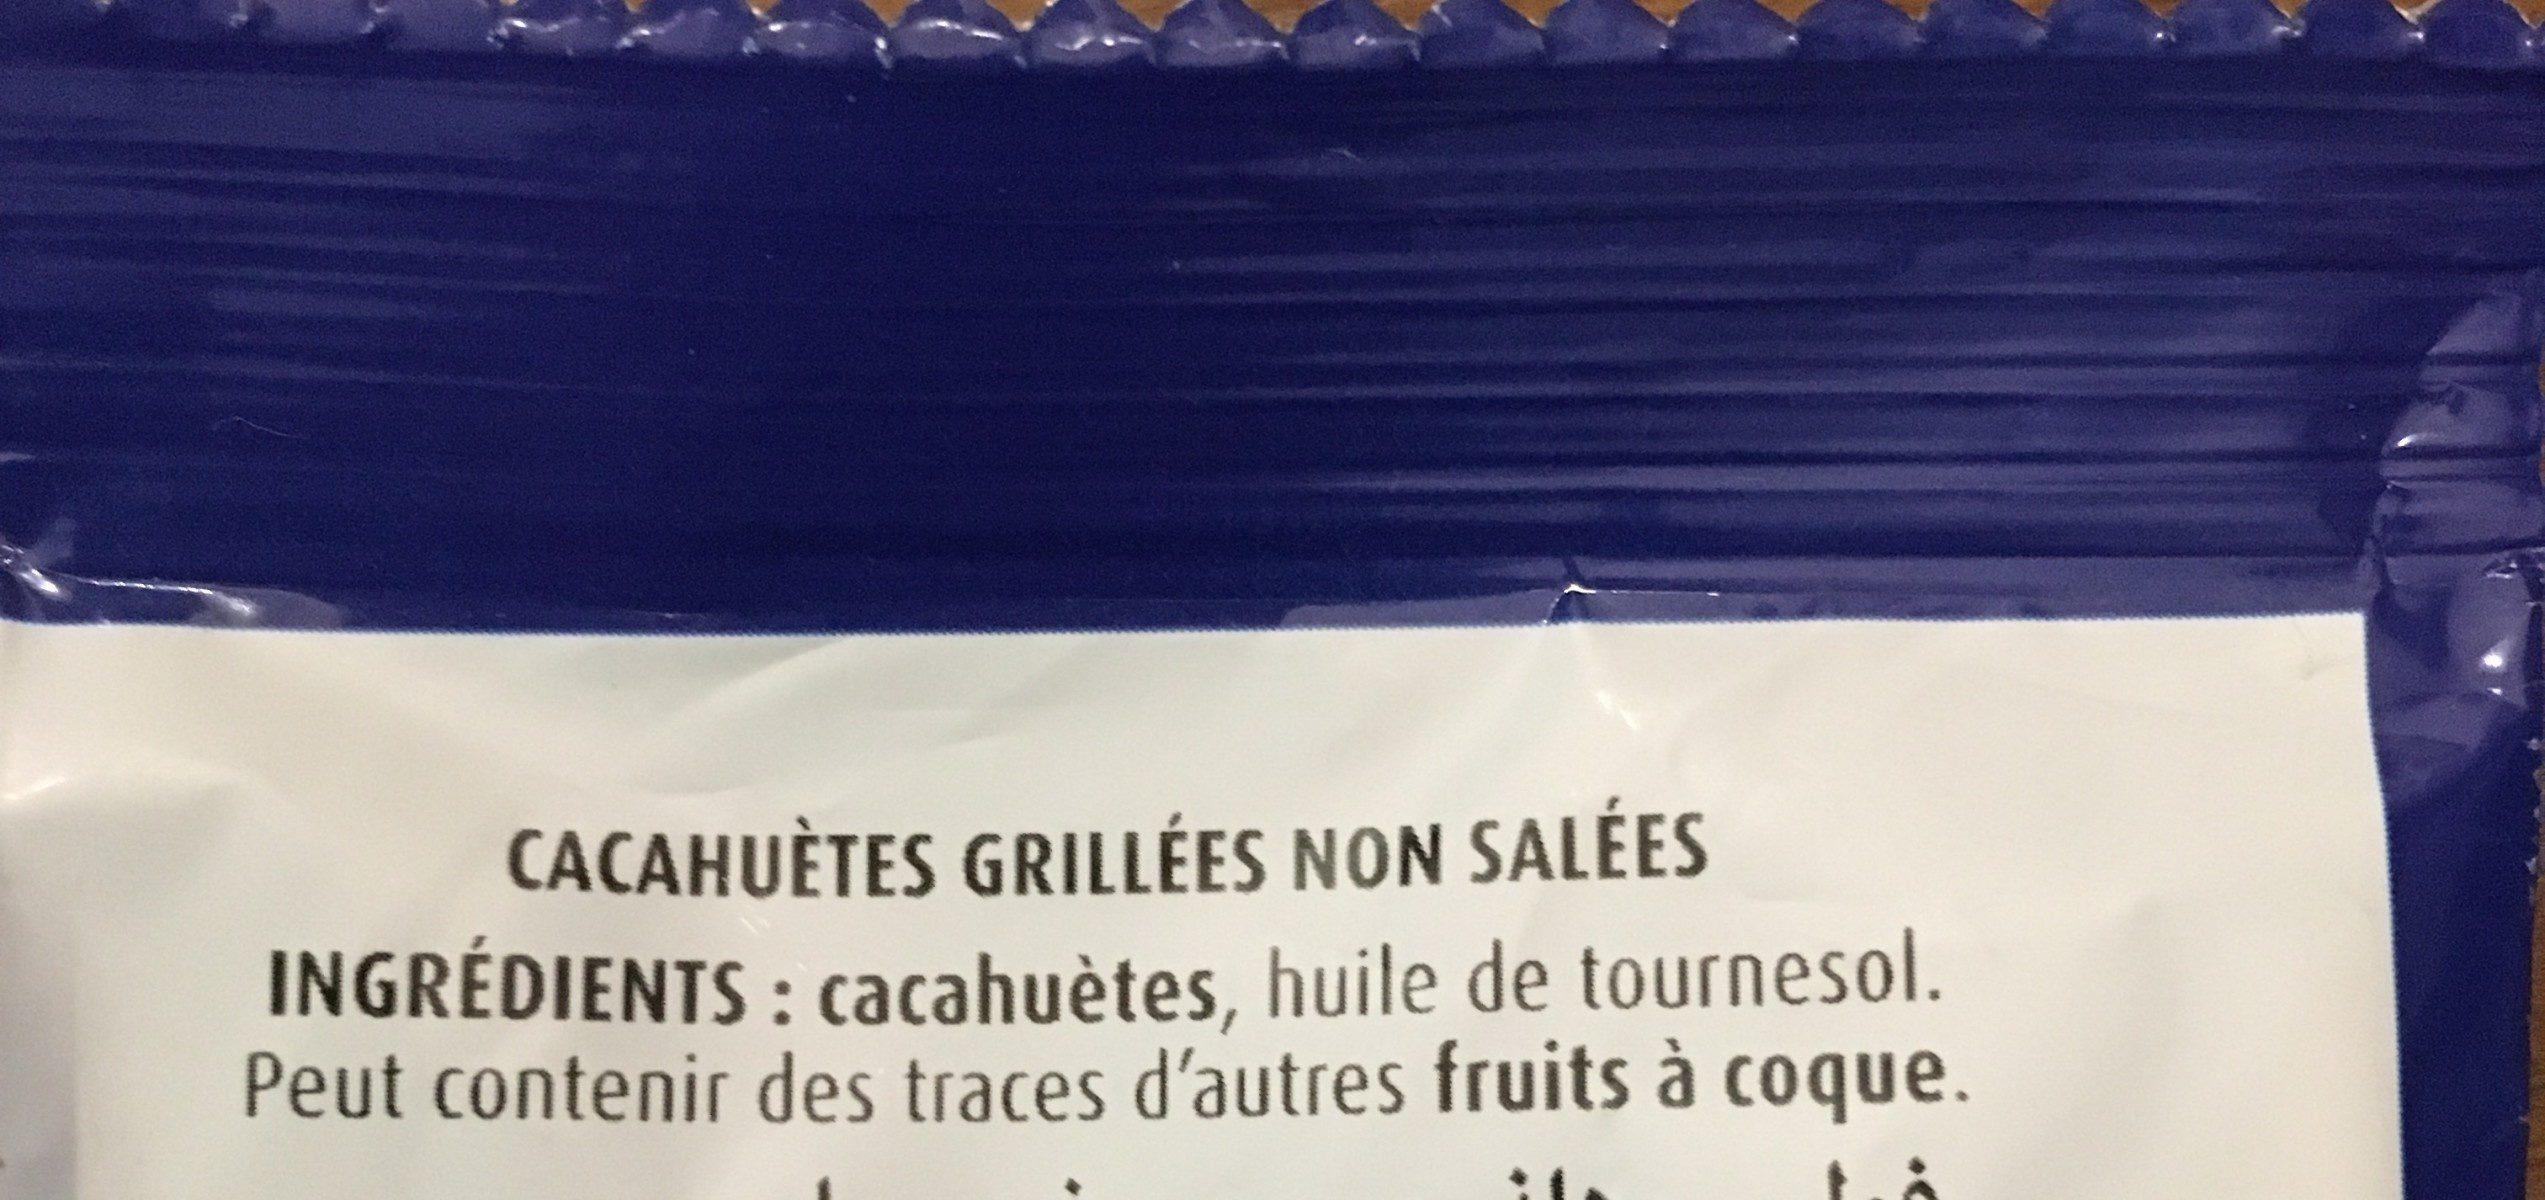 Cacahuètes non salées - Ingrédients